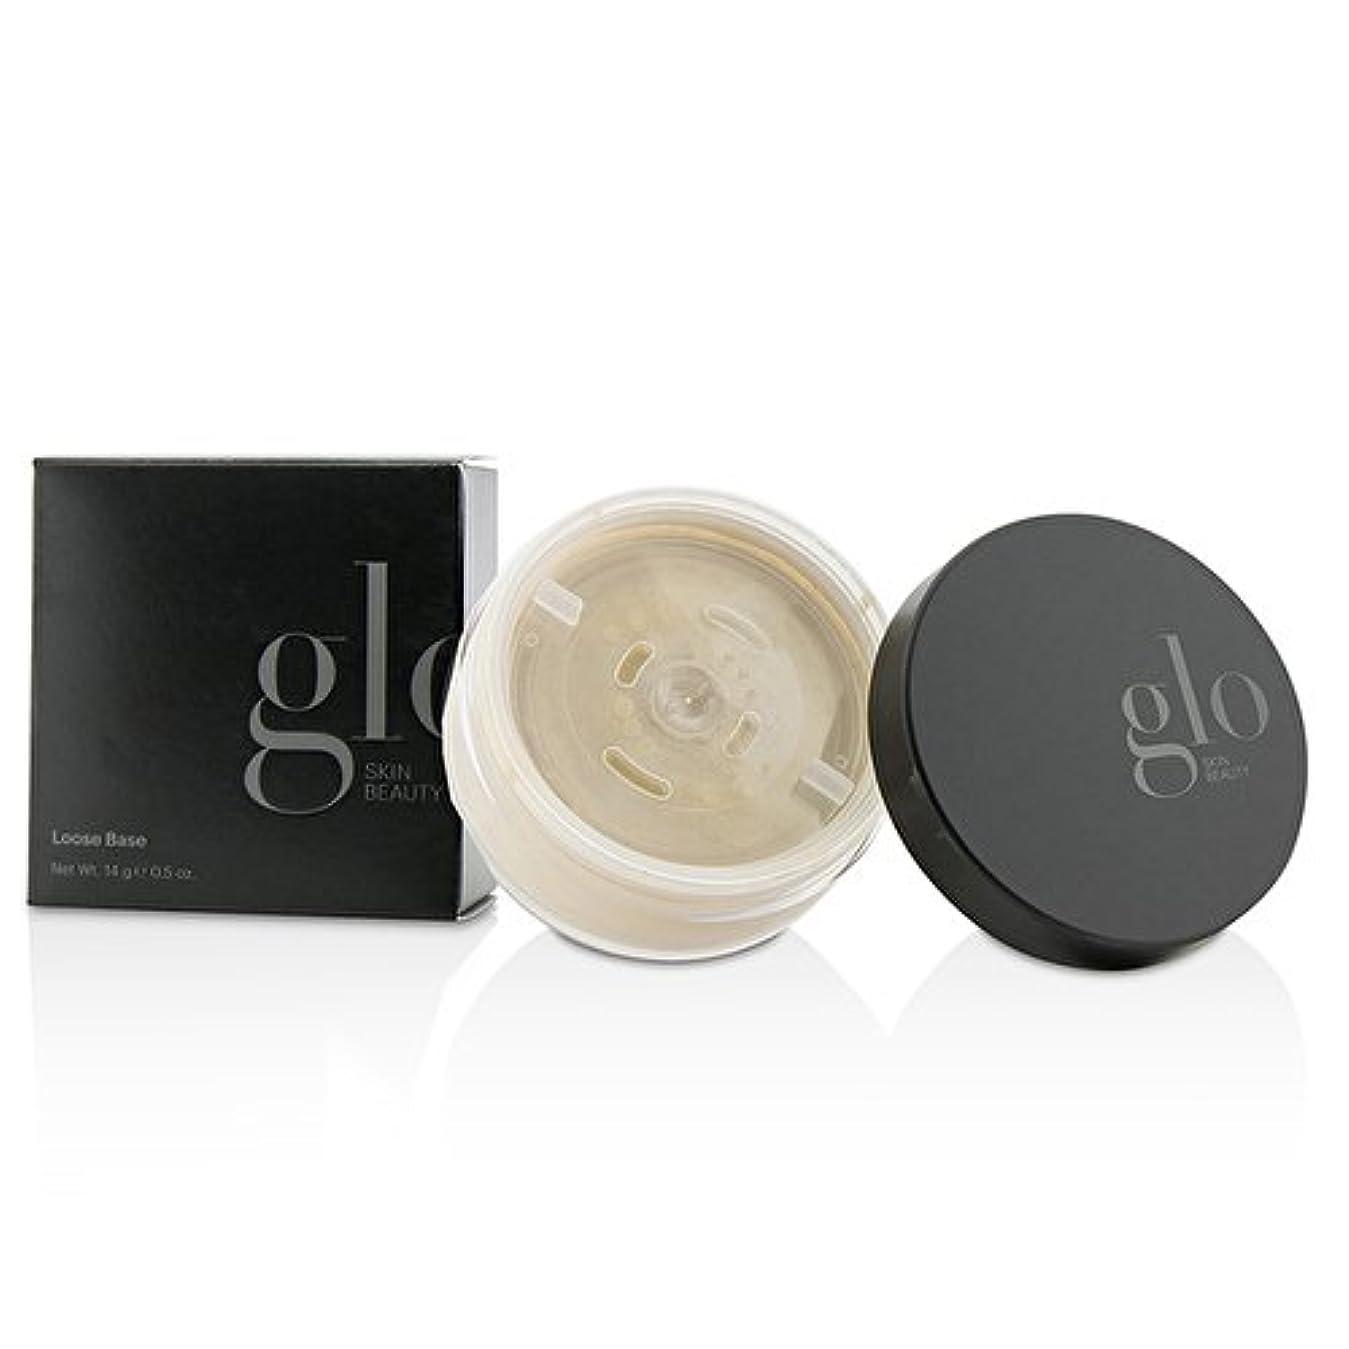 アメリカコンプリートちなみにGlo Skin Beauty Loose Base (Mineral Foundation) - # Natural Fair 14g/0.5oz並行輸入品